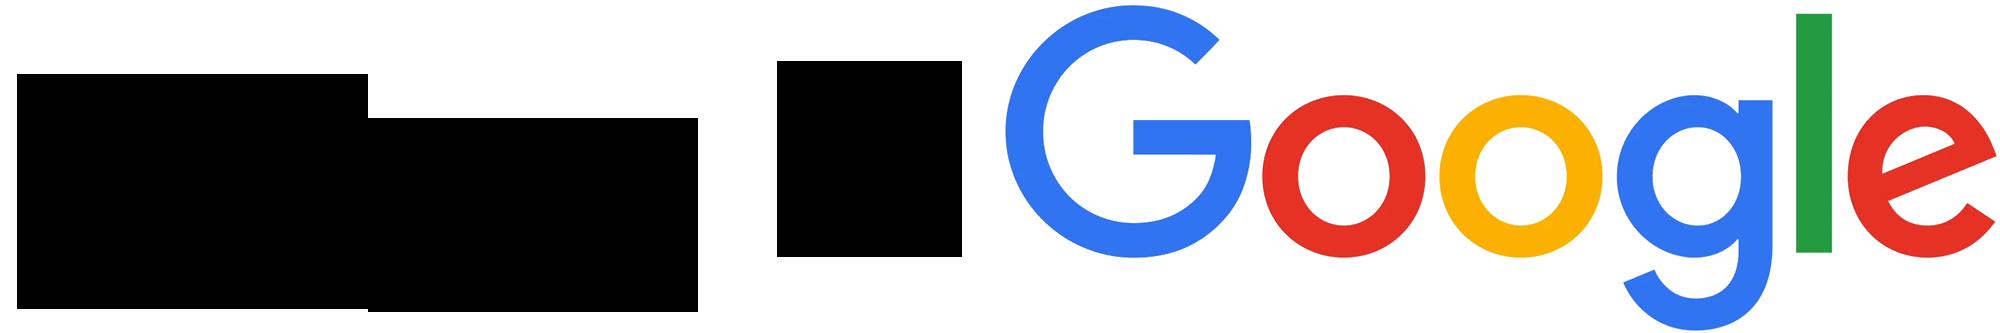 Start.be Dochters met kwaliteit links Pictures Google